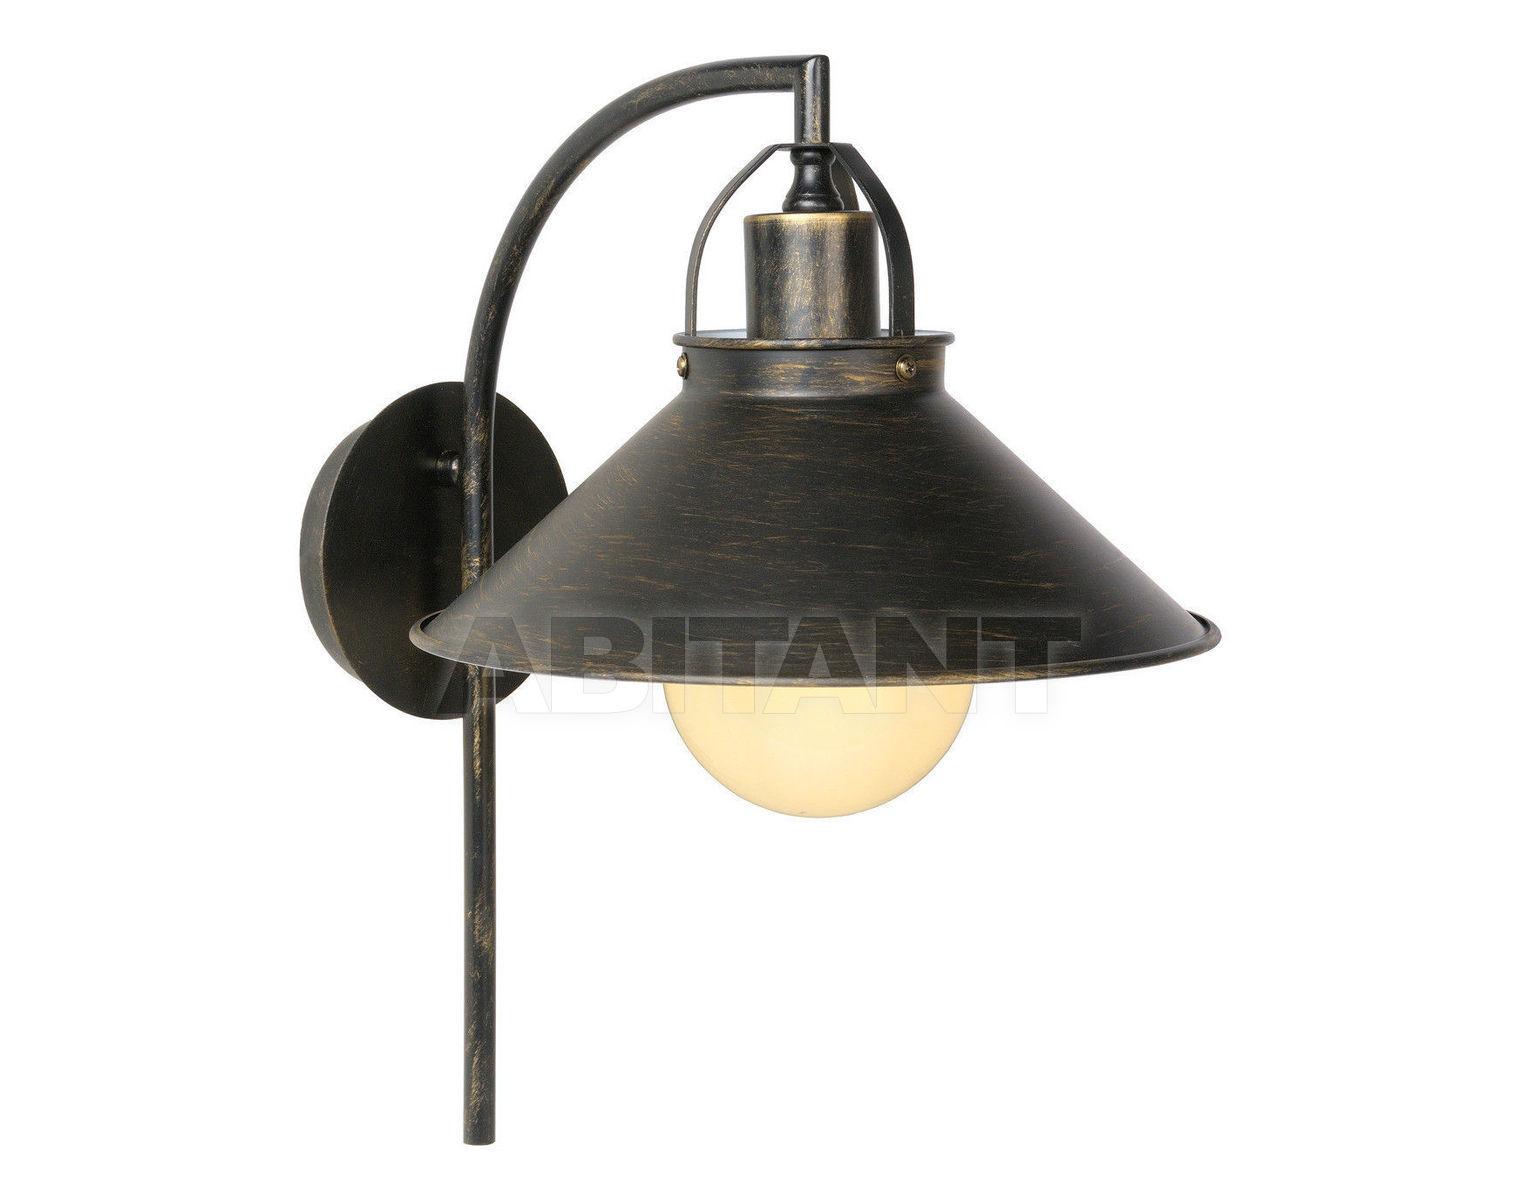 Купить Светильник настенный BERKLEY Lucide  Cottage 31220/01/97